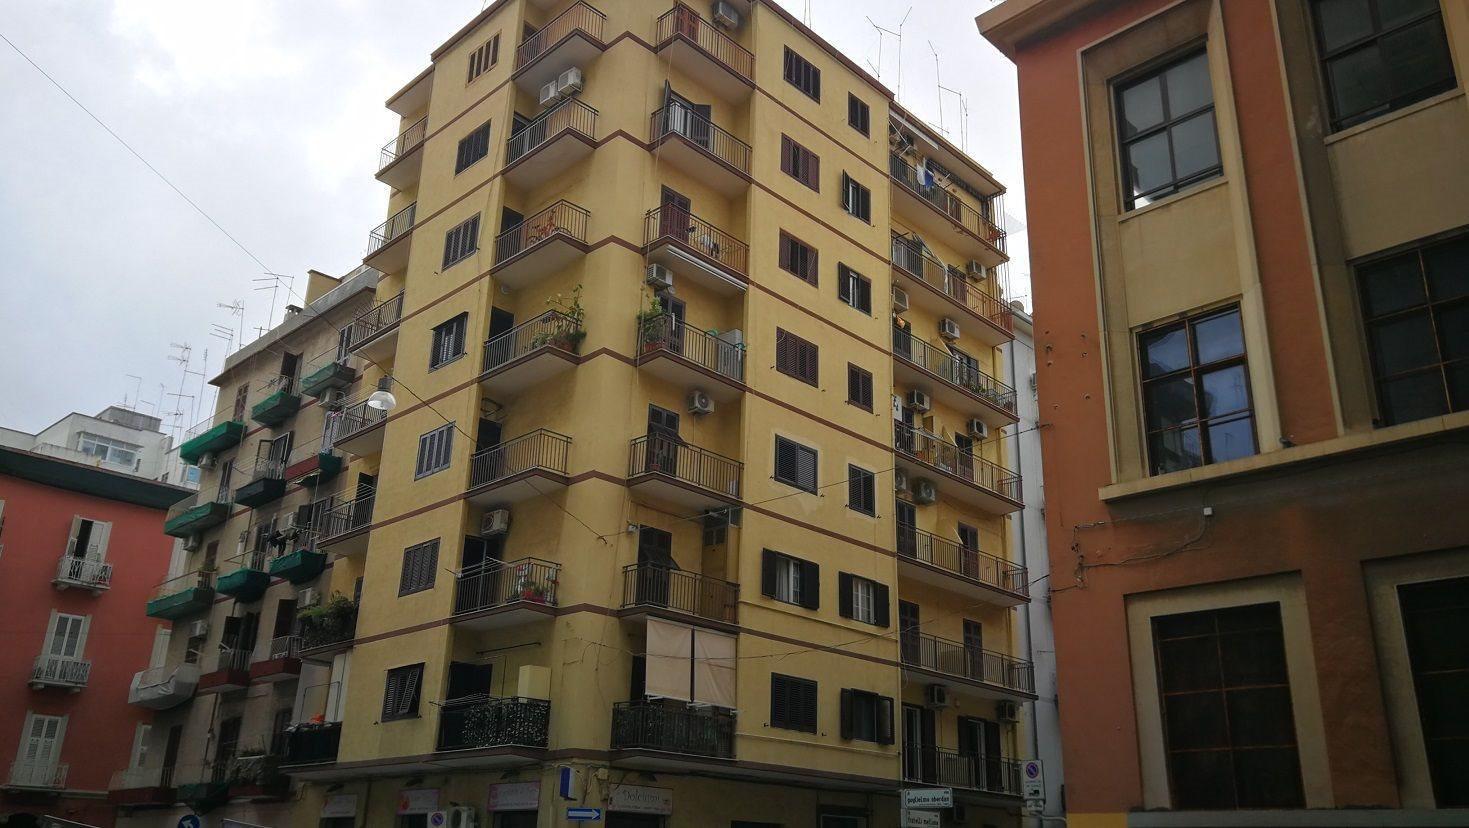 Taranto Oberdan appartamento ascensore 2 vani e accessori ripostiglio uso investimento.jpg